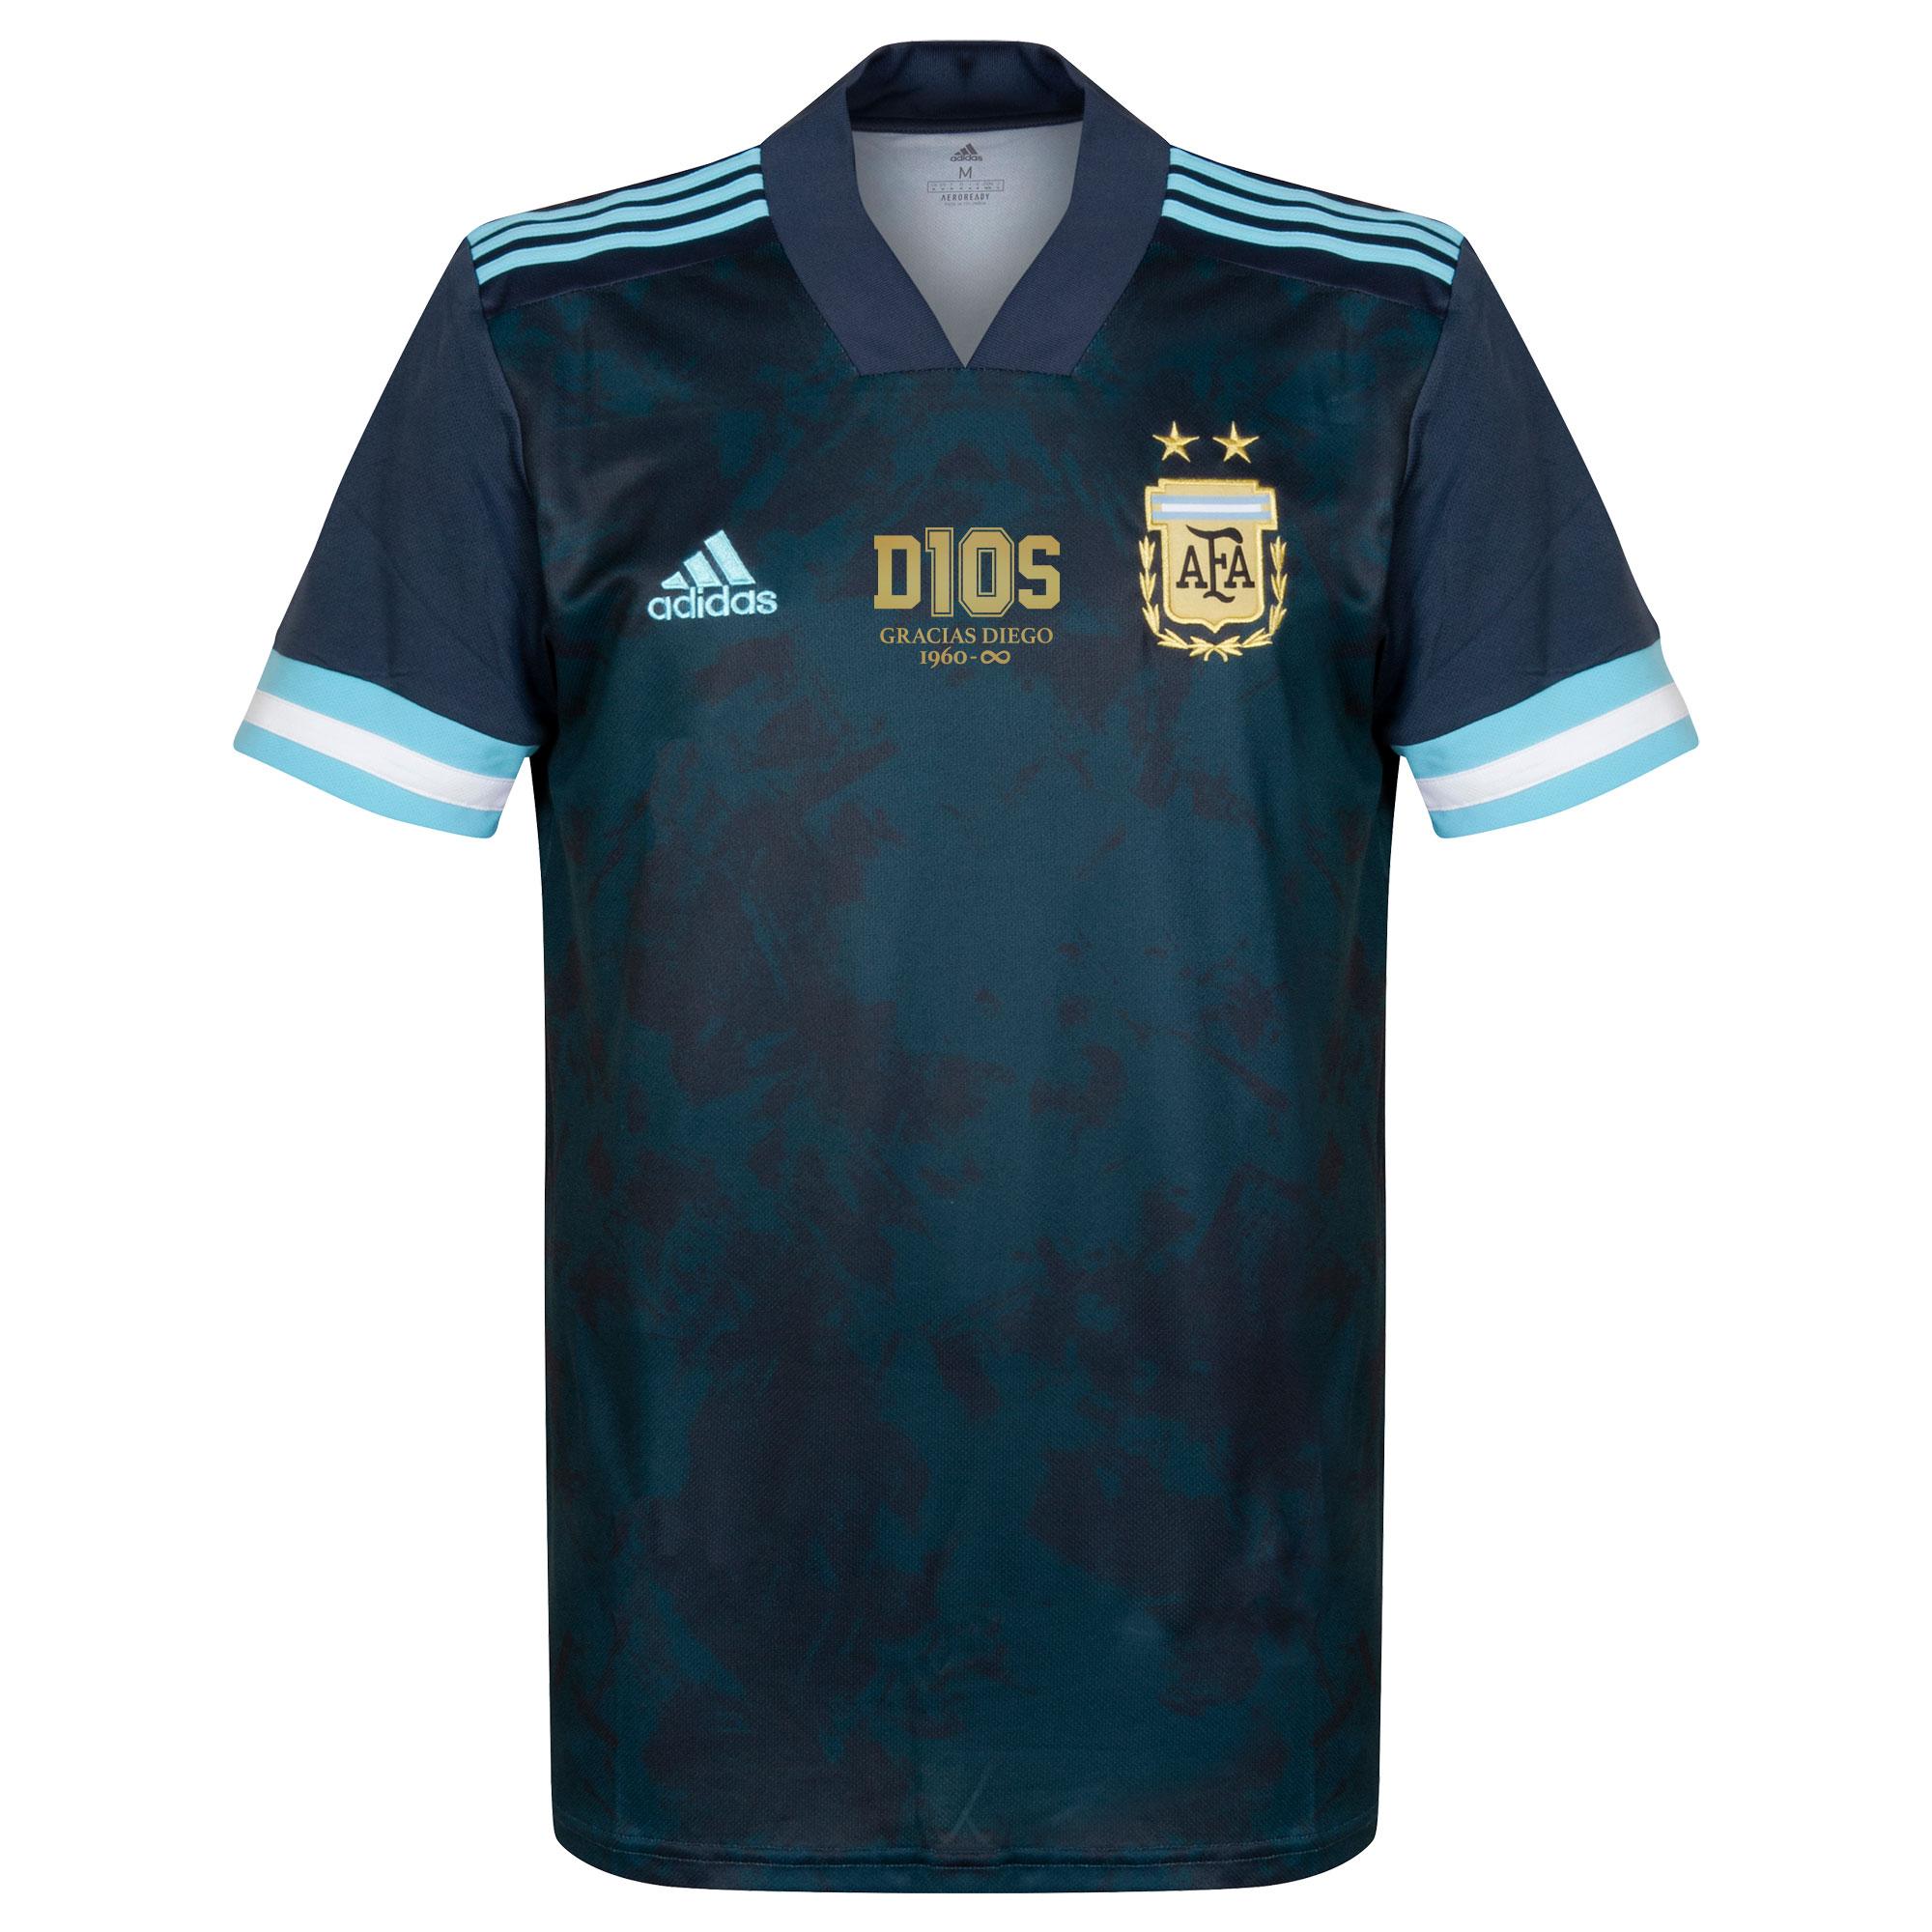 adidas Argentina Away Shirt 2020-2021 inc. FREE D10S Transfer